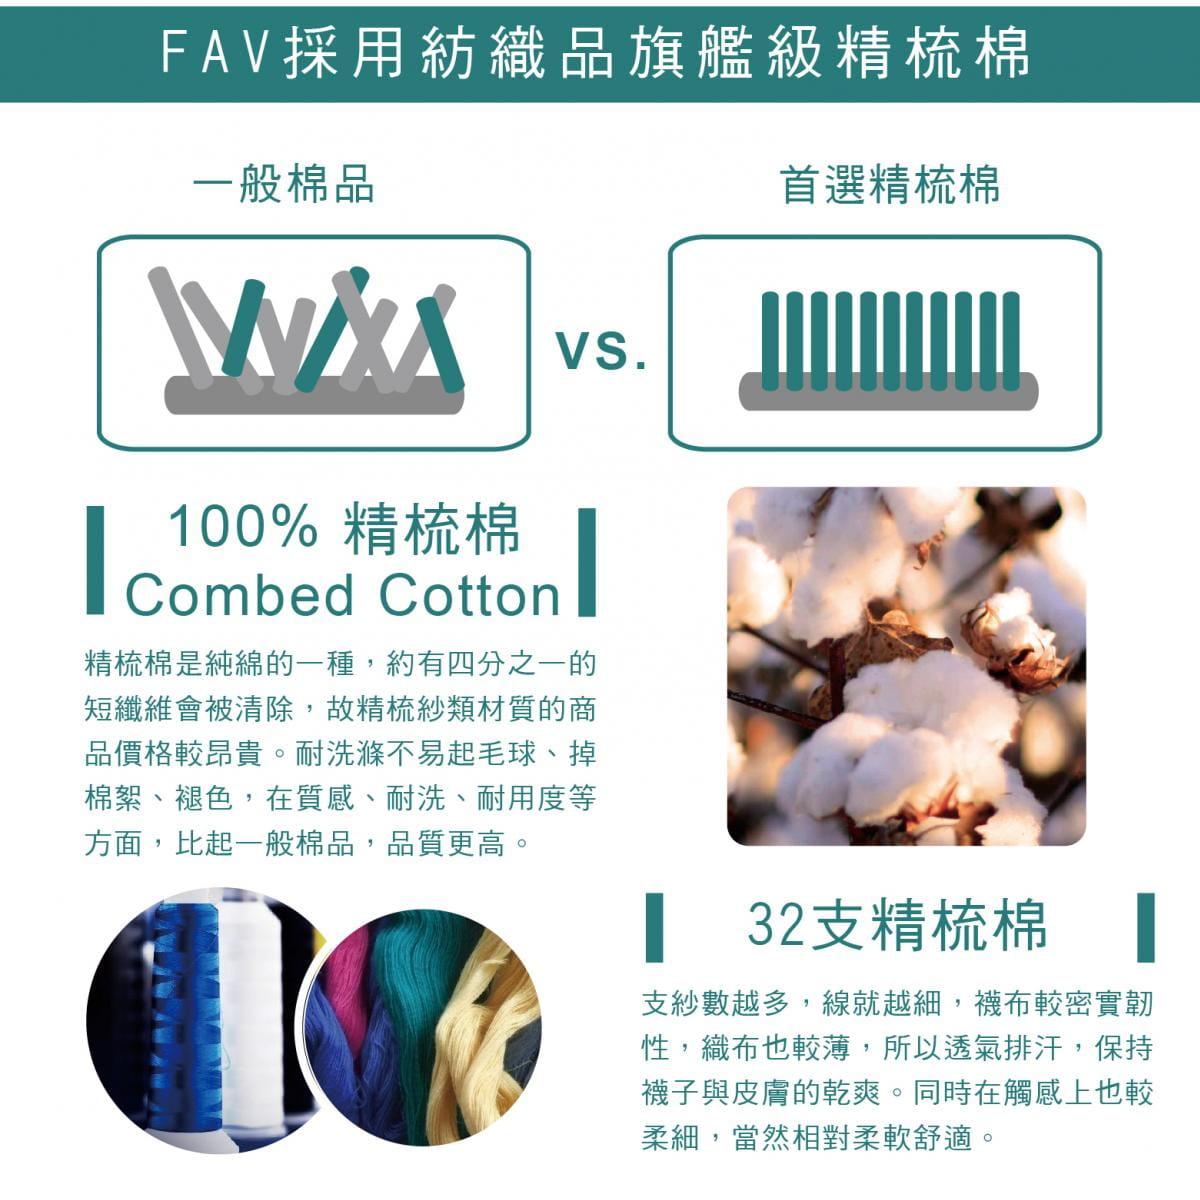 【FAV】運動加大除臭數字襪(單隻販售) 11